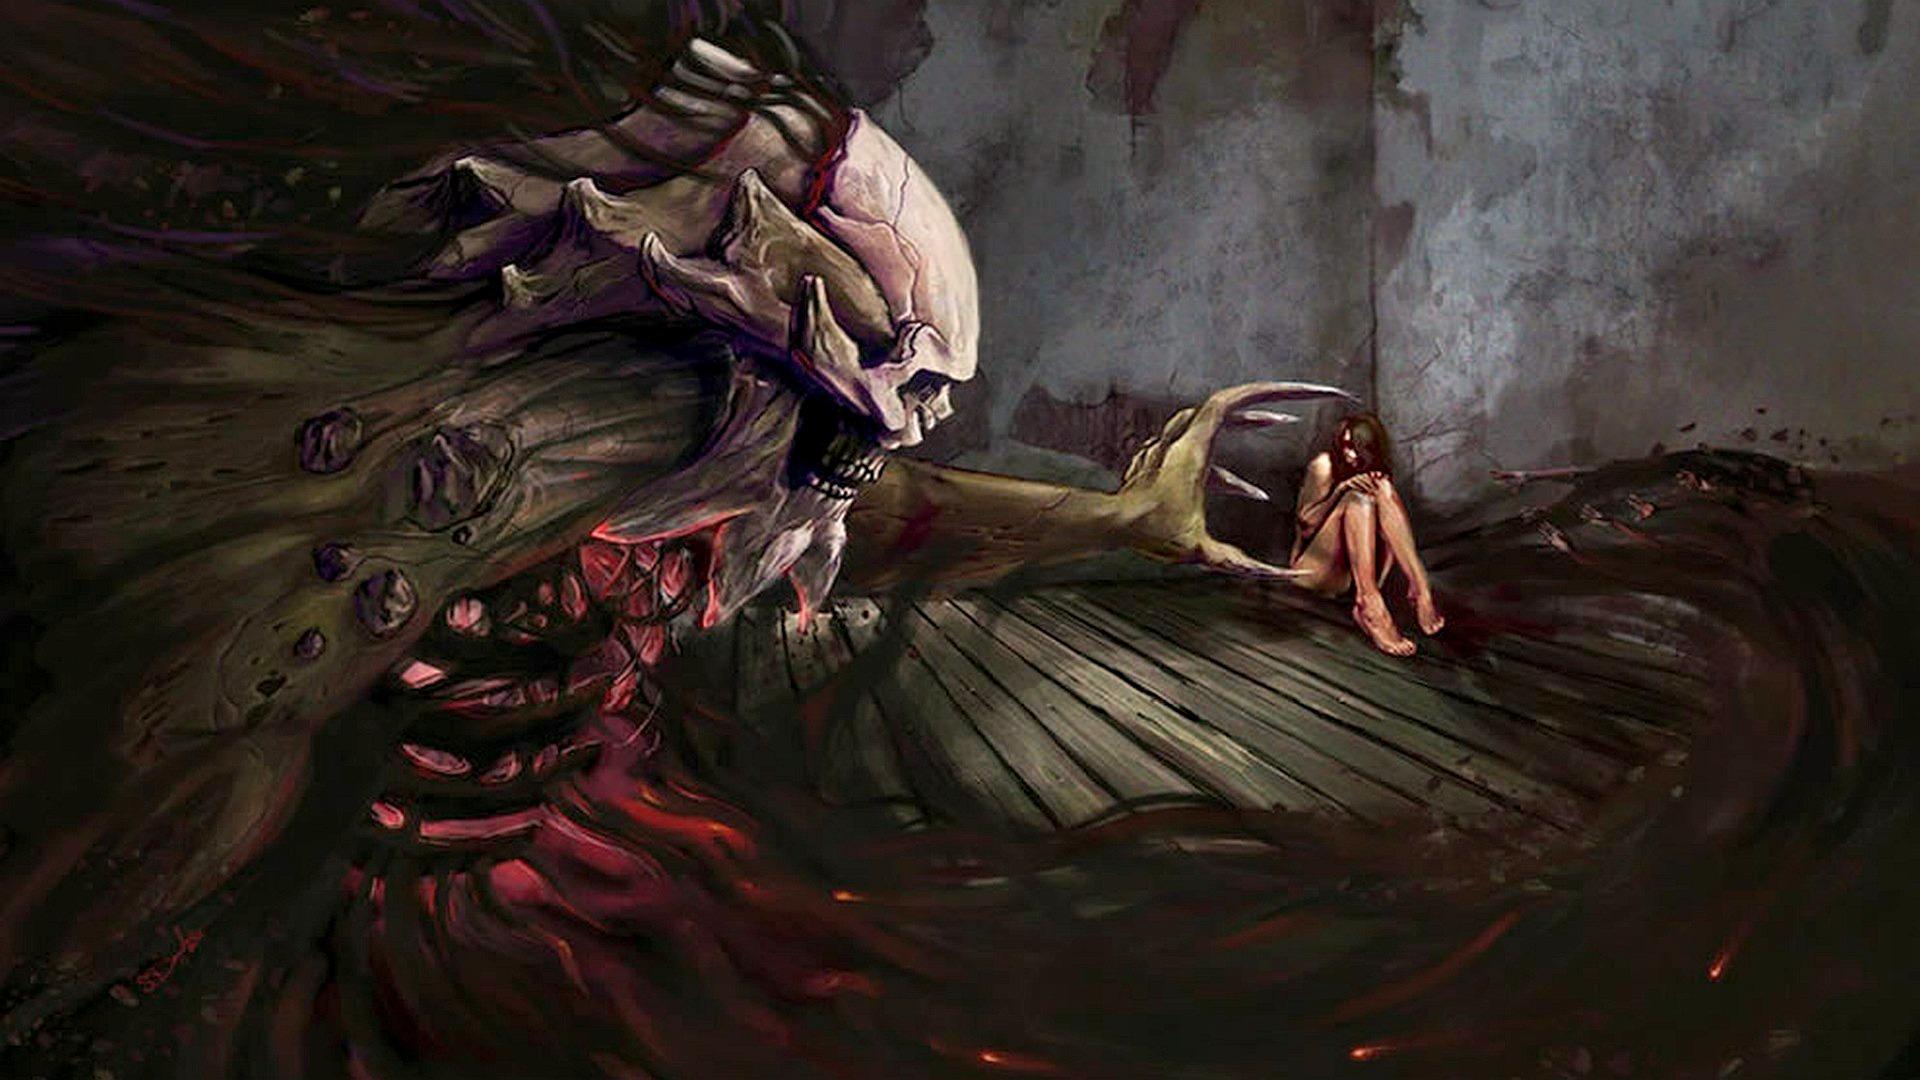 demon skull skeleton macabre gothic women girl mood scared wallpaper 1920x1080